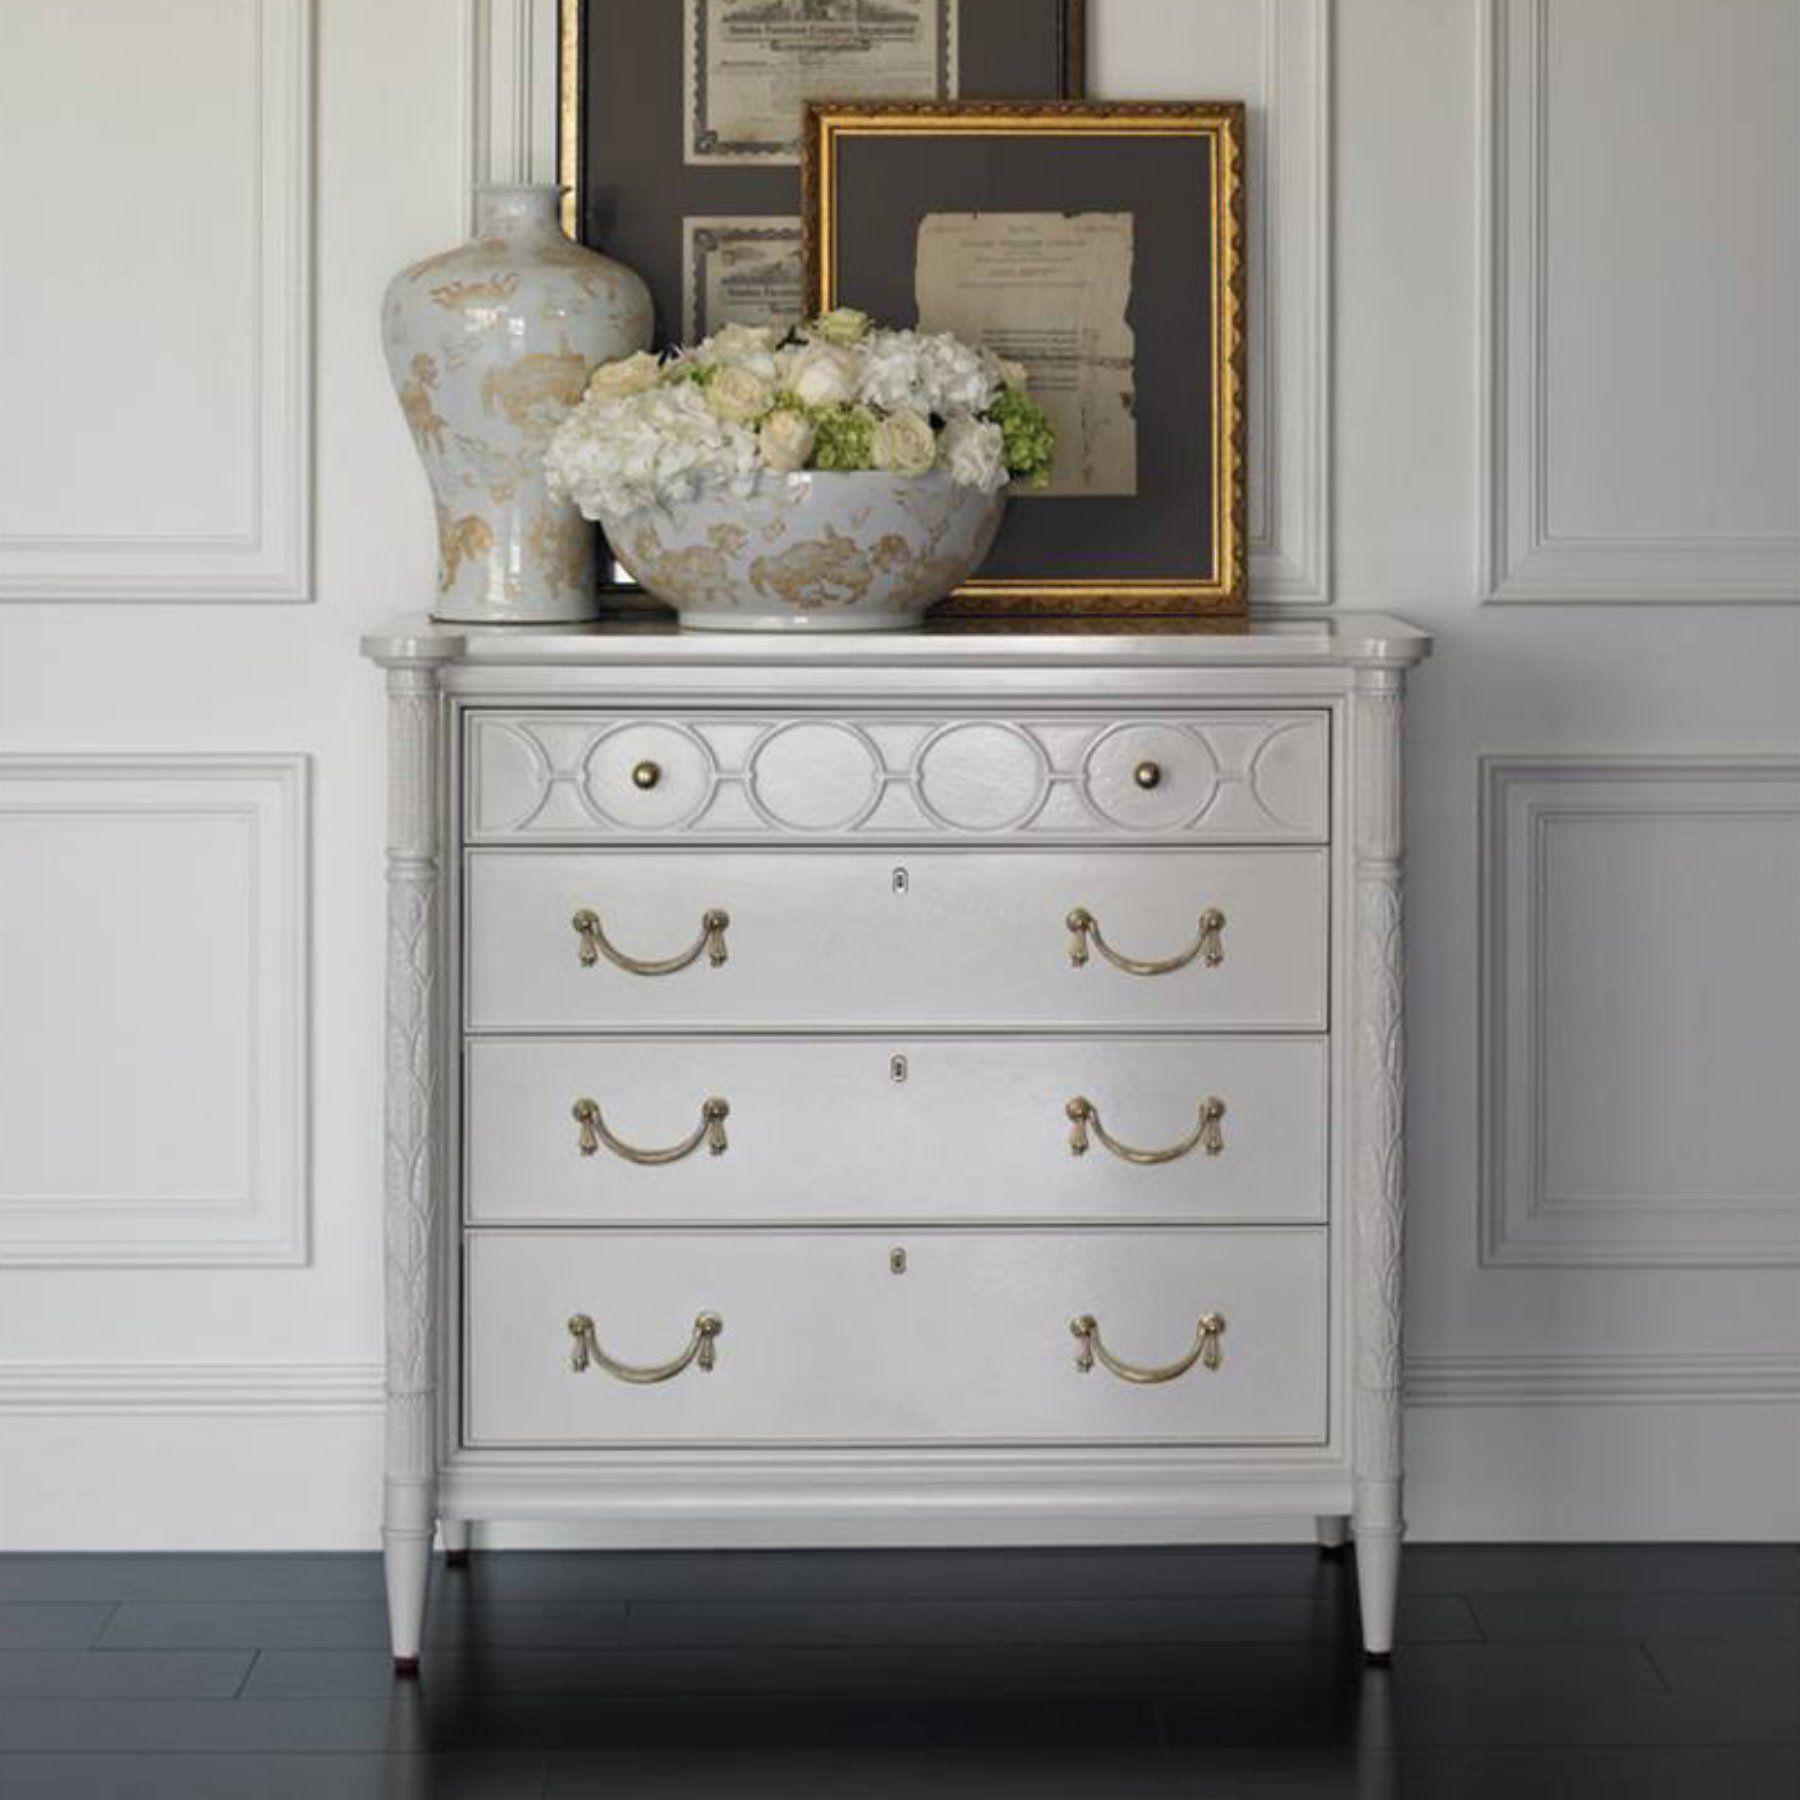 Stanley Furniture Charleston Regency King Charles 4 Drawer Bachelors Chest 302 23 17